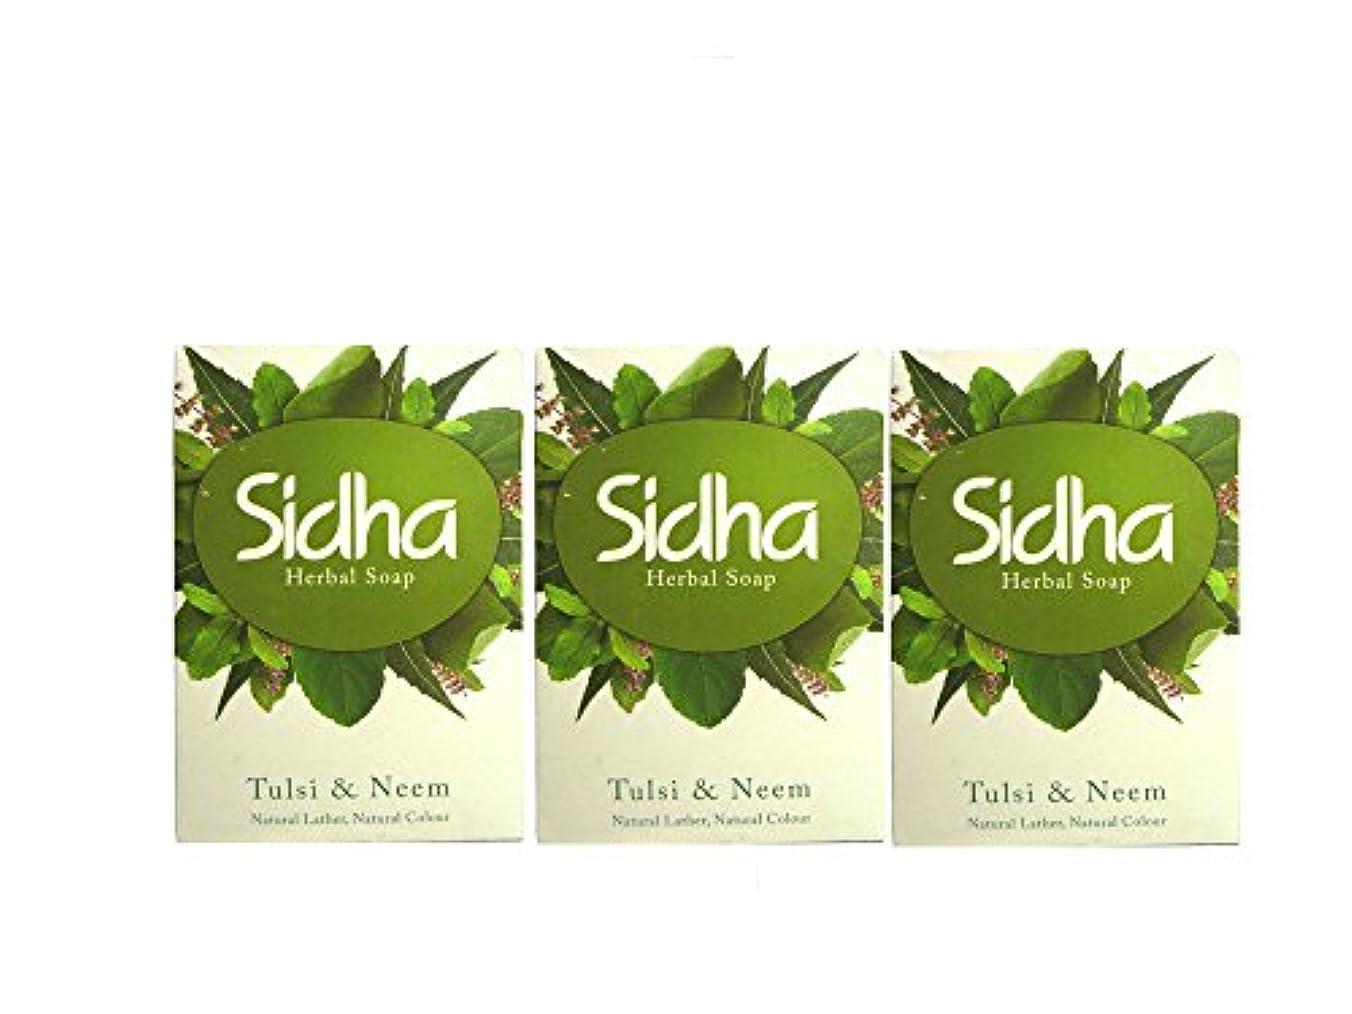 評価する担当者マンモスSIHDH Herbal Soap Tulsi & Neem シダー ハ-バル ソープ 75g 3個セット